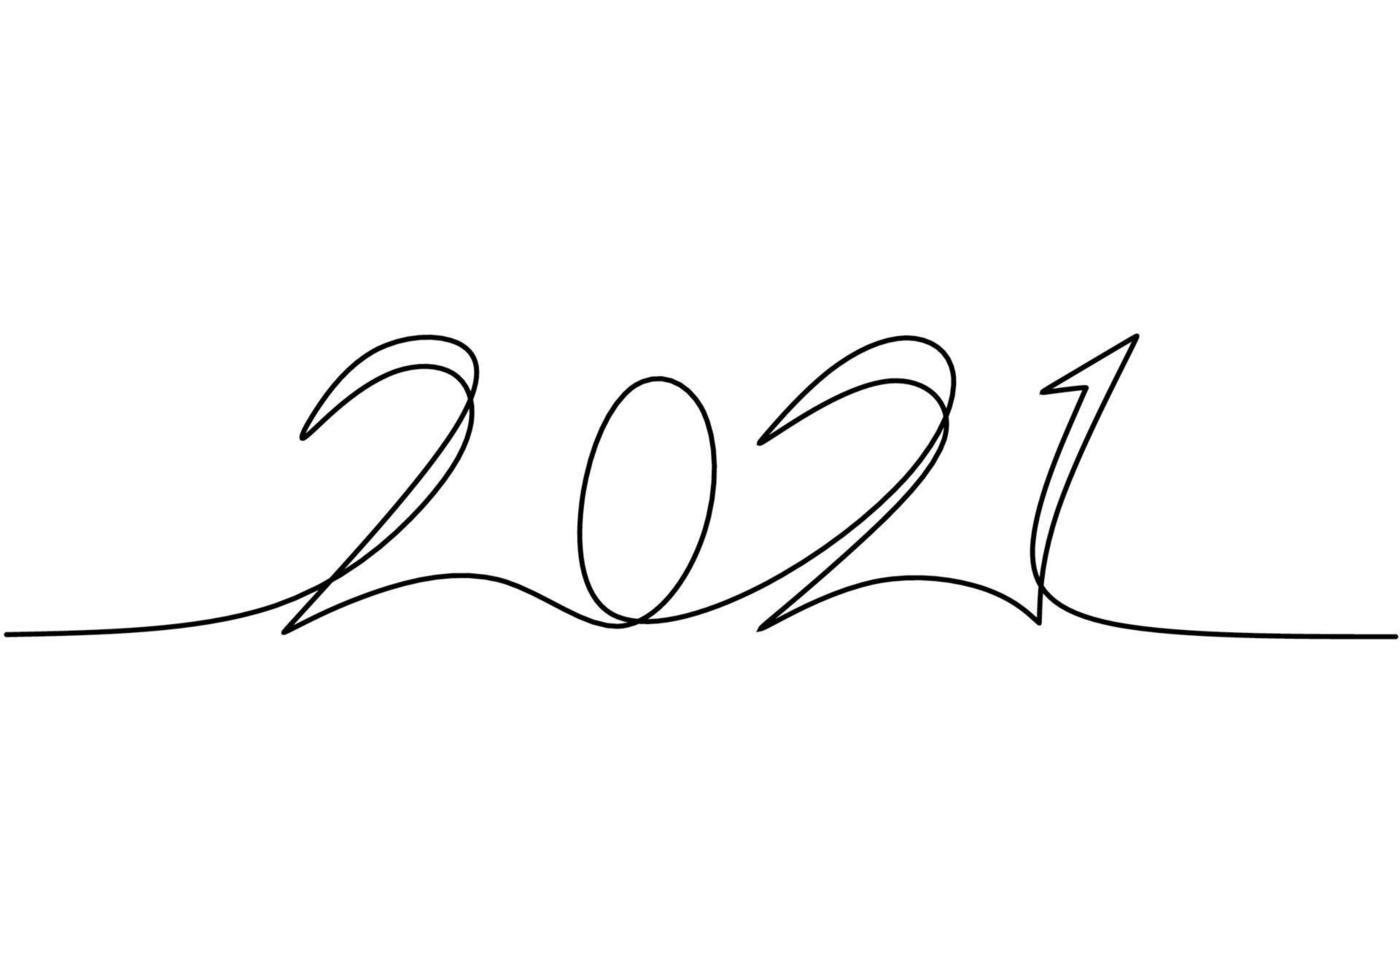 2021 design de ano novo em arte de linha contínua desenho estilo minimalista esboço linear preto isolado no fundo branco. ano do touro. conceito de feliz ano novo. ilustração de desenho vetorial vetor